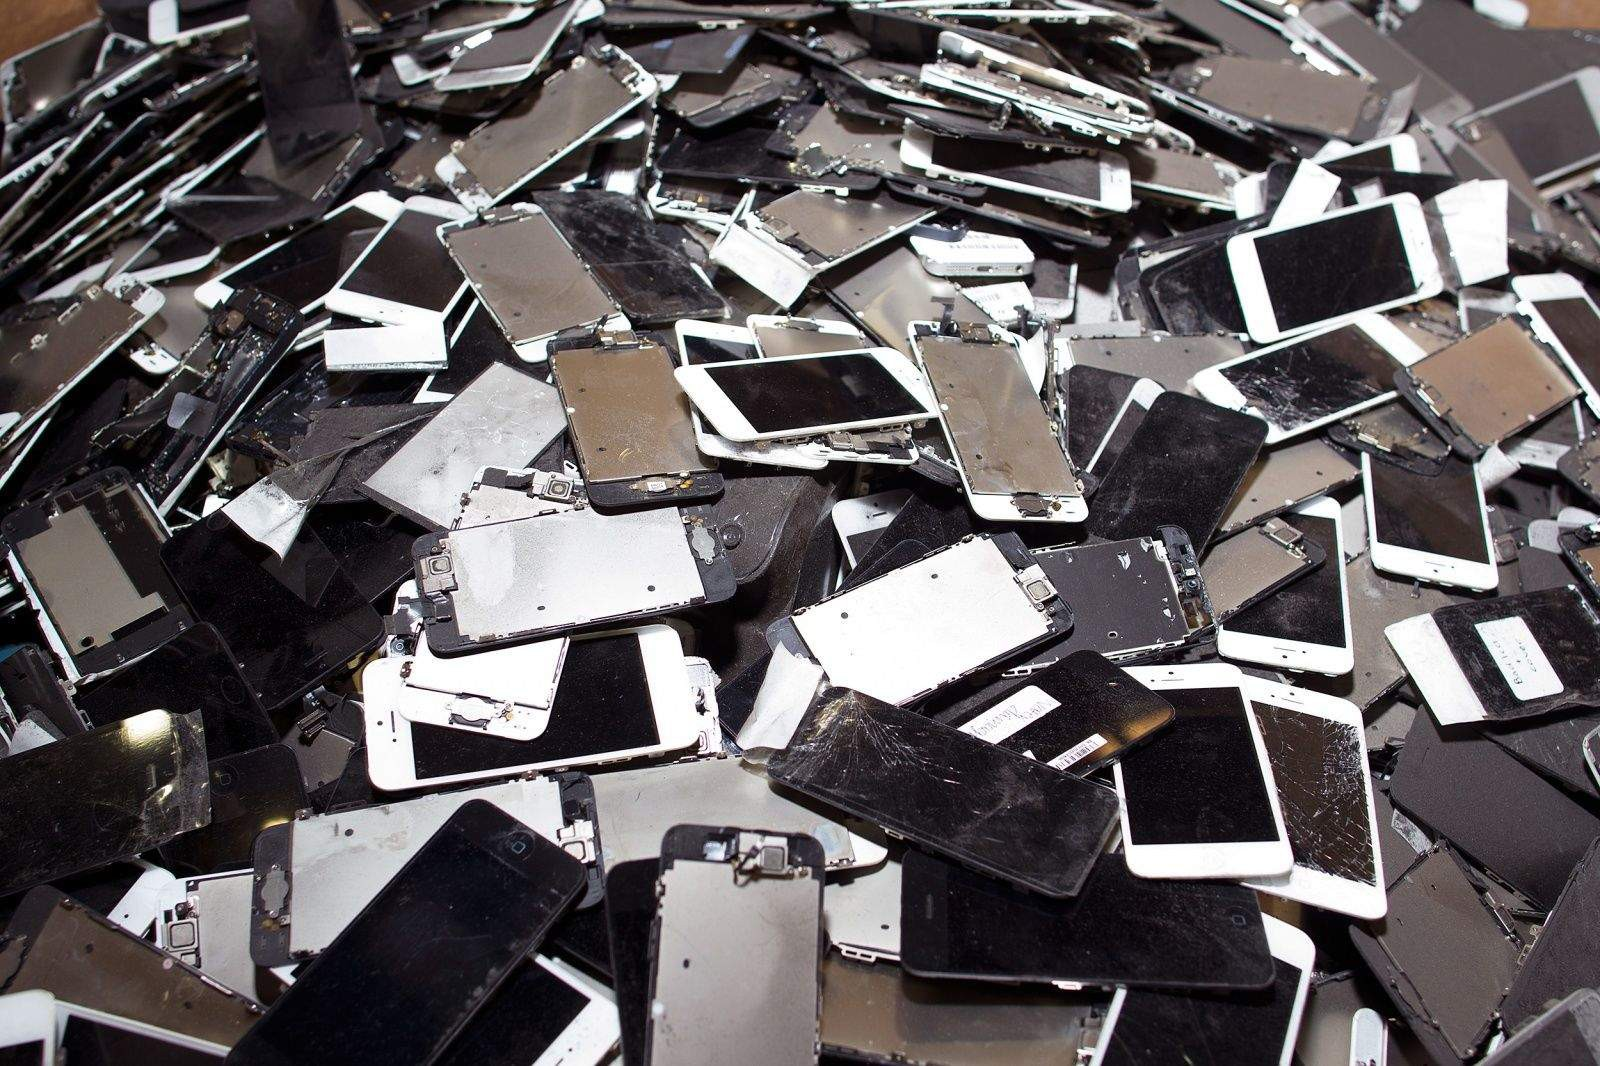 Mặt tối đáng sợ đằng sau những chiếc smartphone